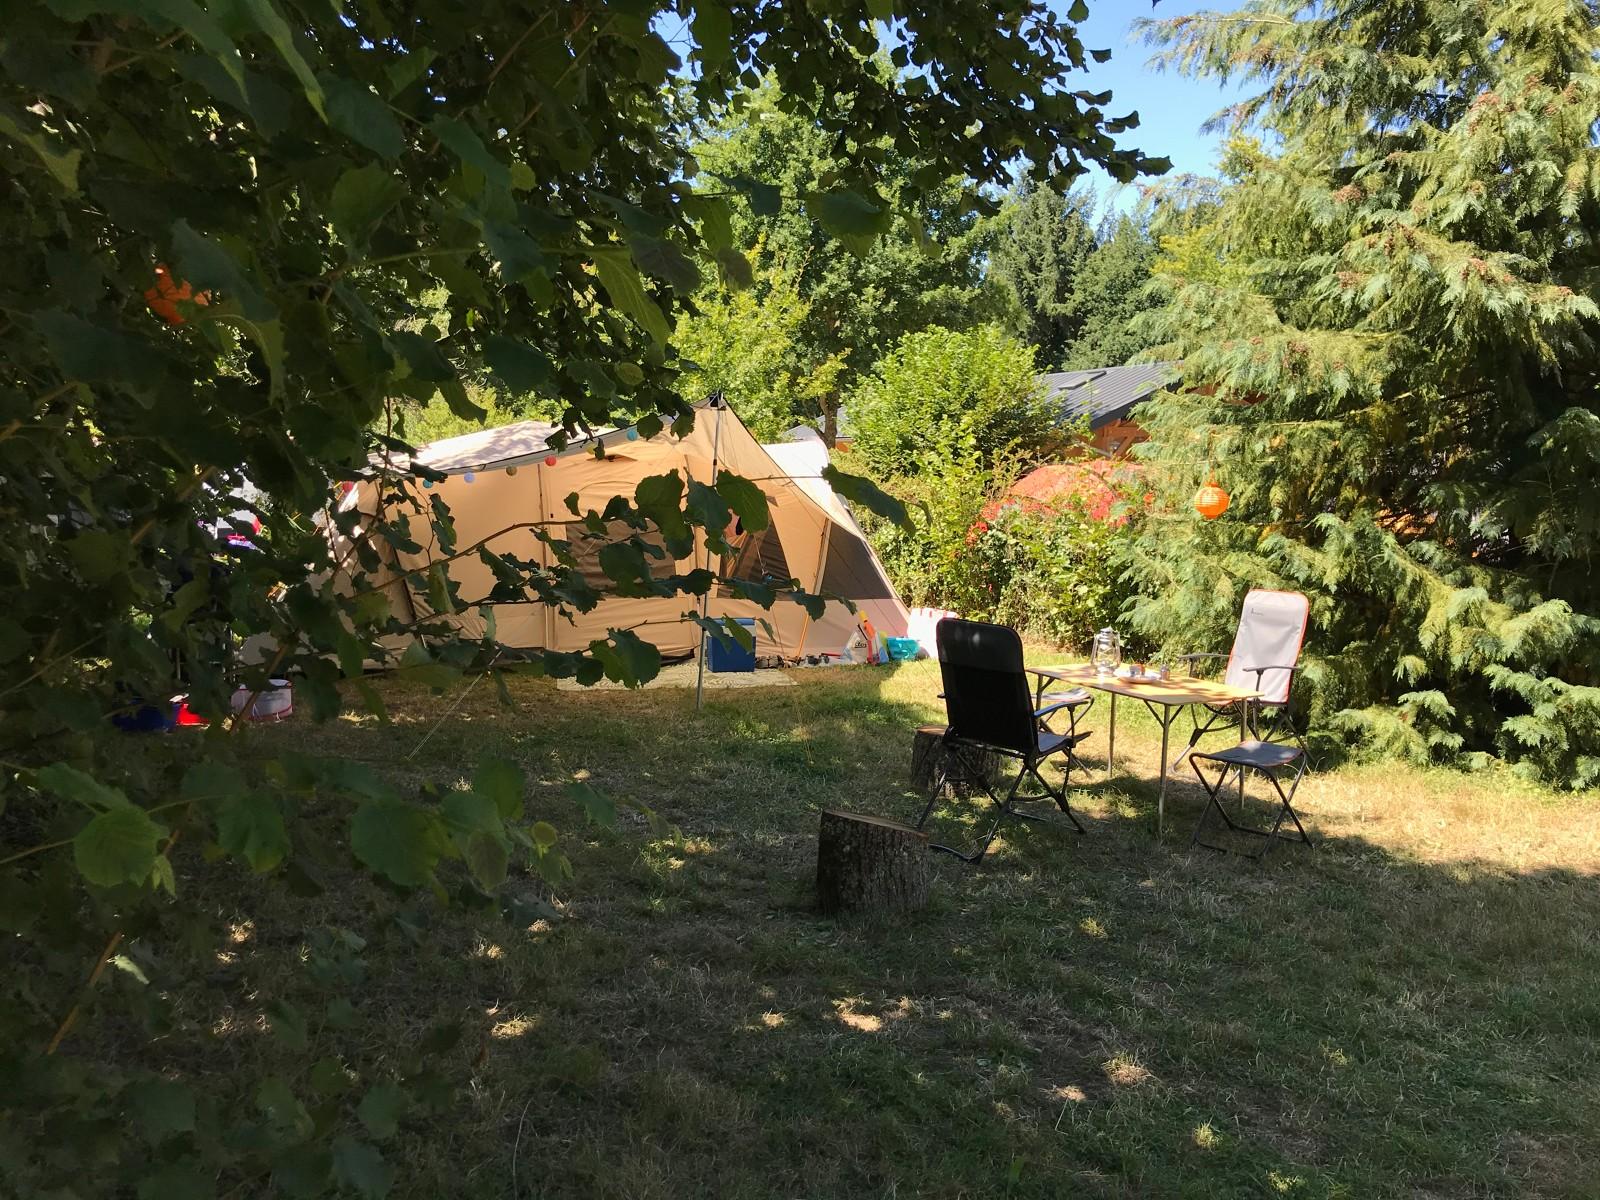 Camping Huttopia Baie du Mont St Michel , Baguer-Pican, Ille-et-Vilaine